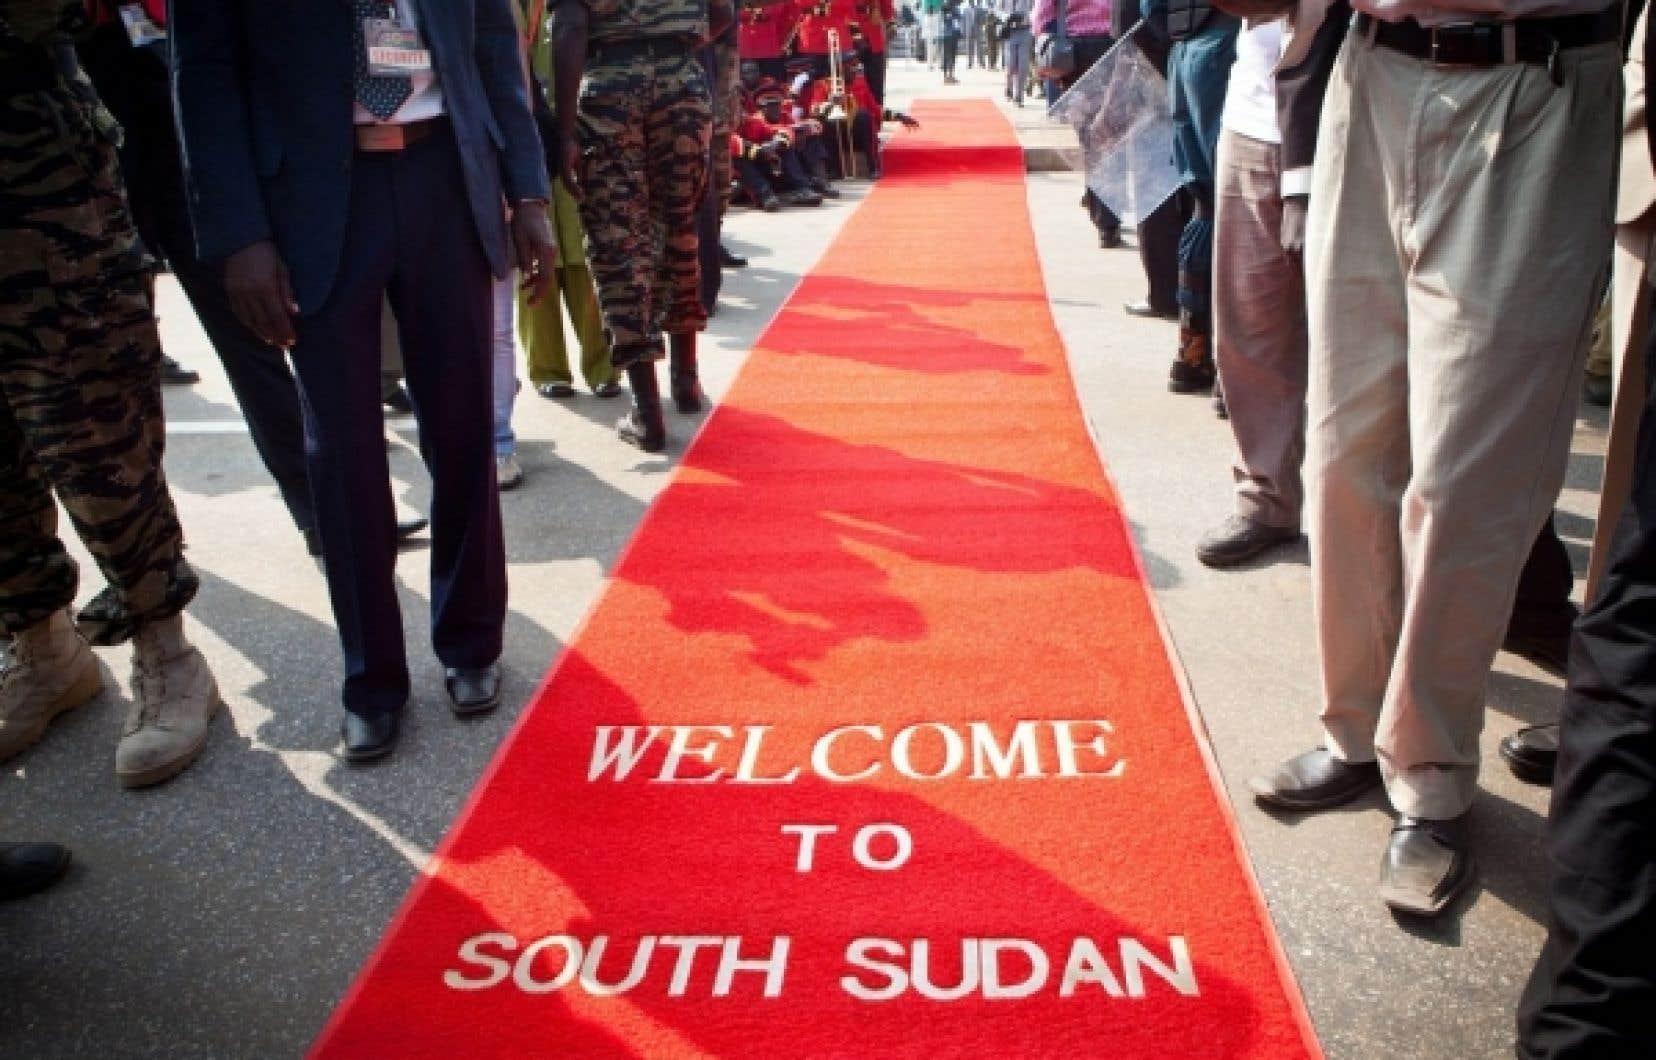 Un tapis rouge a été déroulé pour la nouvelle nation, lors de la cérémonie pour l'indépendance du Sud-Soudan à Juba, aujourd'hui. Le Sud-Soudan est officiellement devenu le 193e pays au monde après avoir voté pour la sécession du Soudan en janvier dernier.<br />